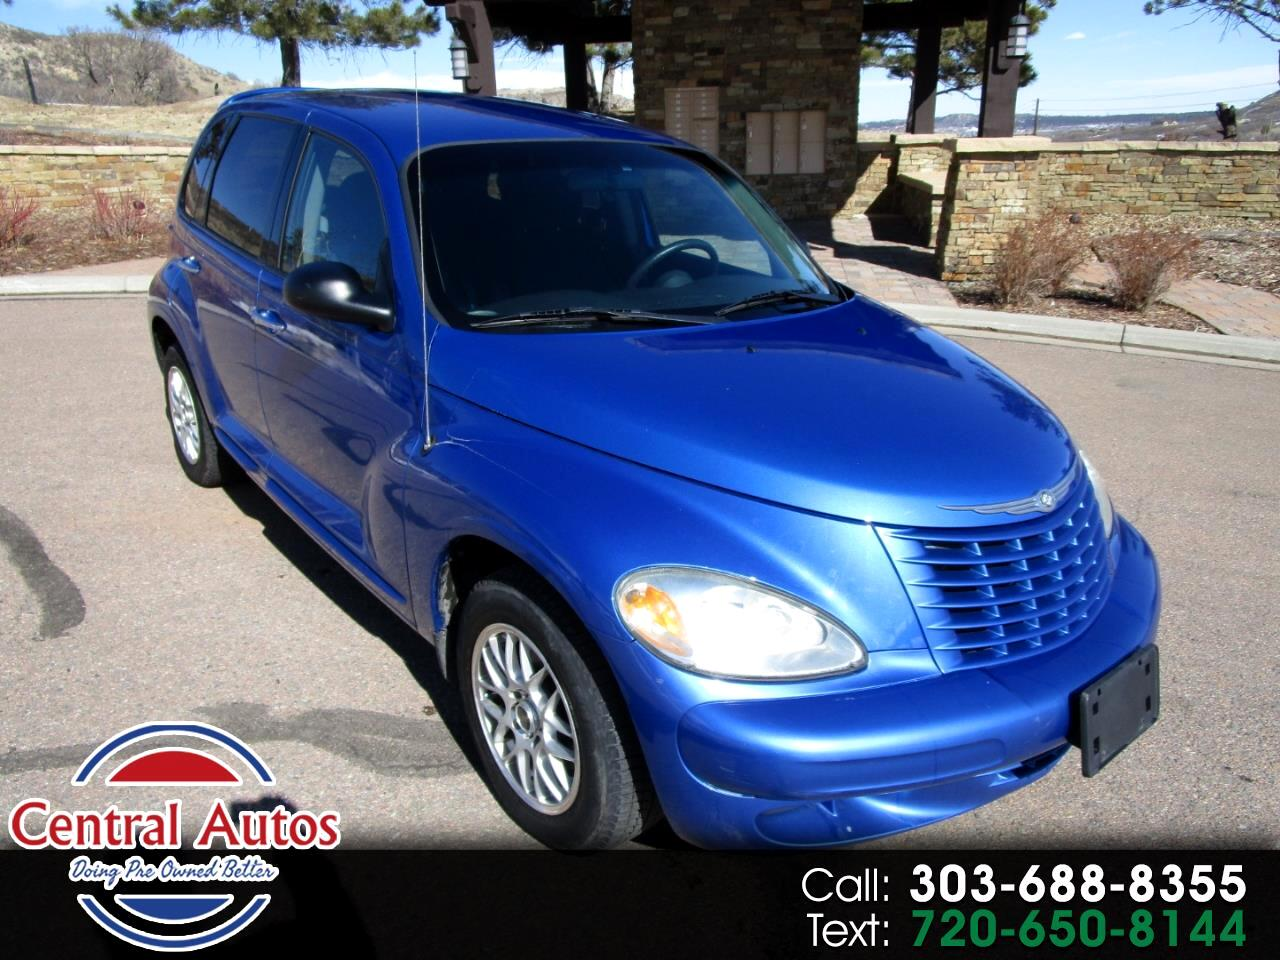 2005 Chrysler PT Cruiser 4dr Wgn Touring